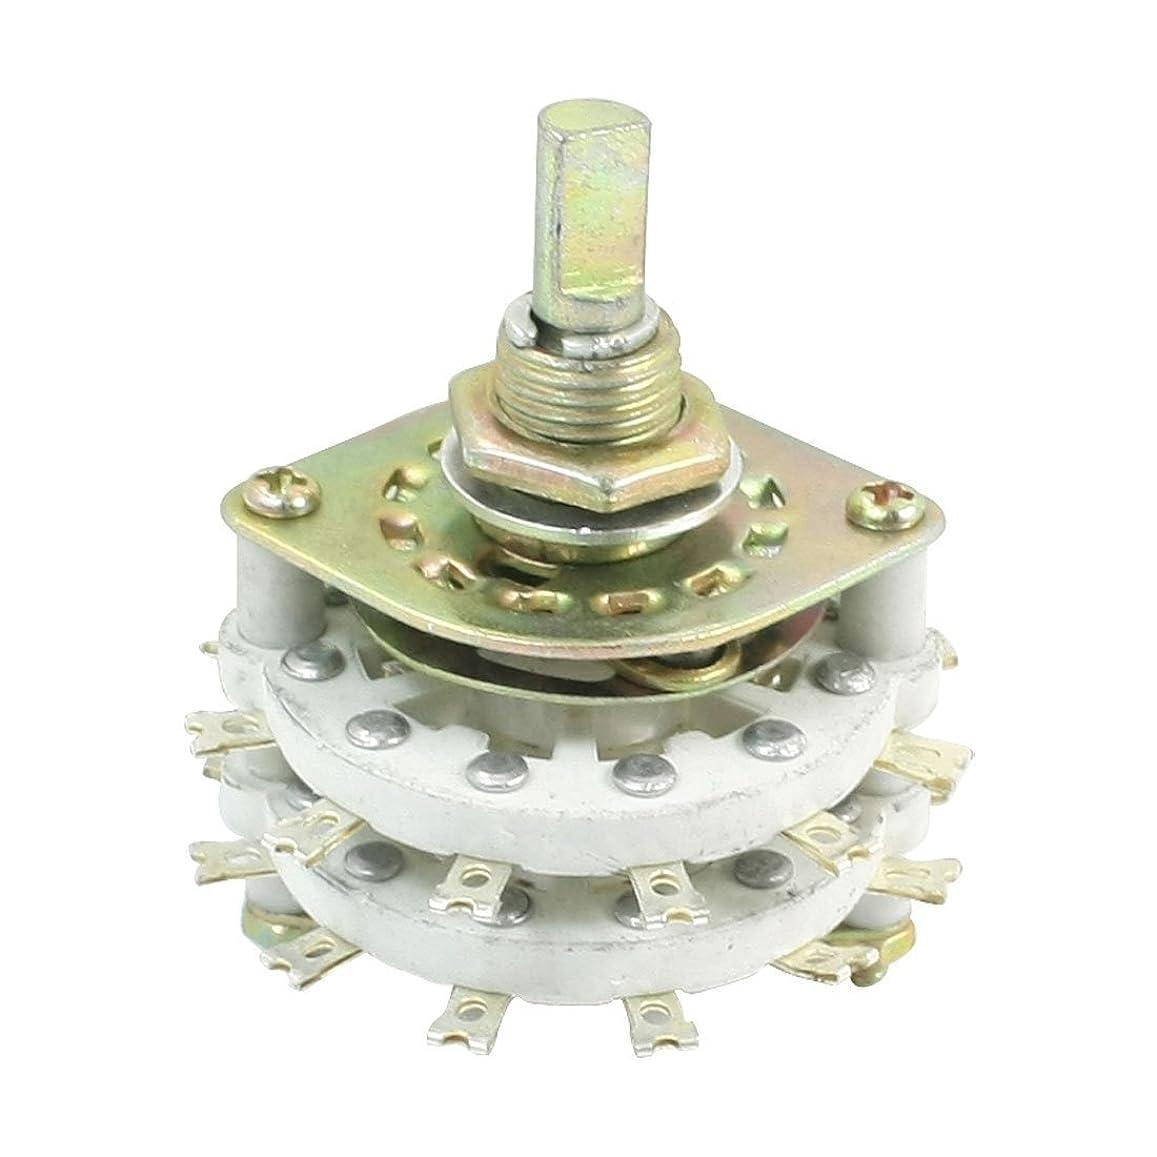 イソギンチャク処方する支援uxcell  ダブルデッキバンドチャンネル ロータリースイッチ スイッチ 4ポール5ウェイ 6mmの軸径